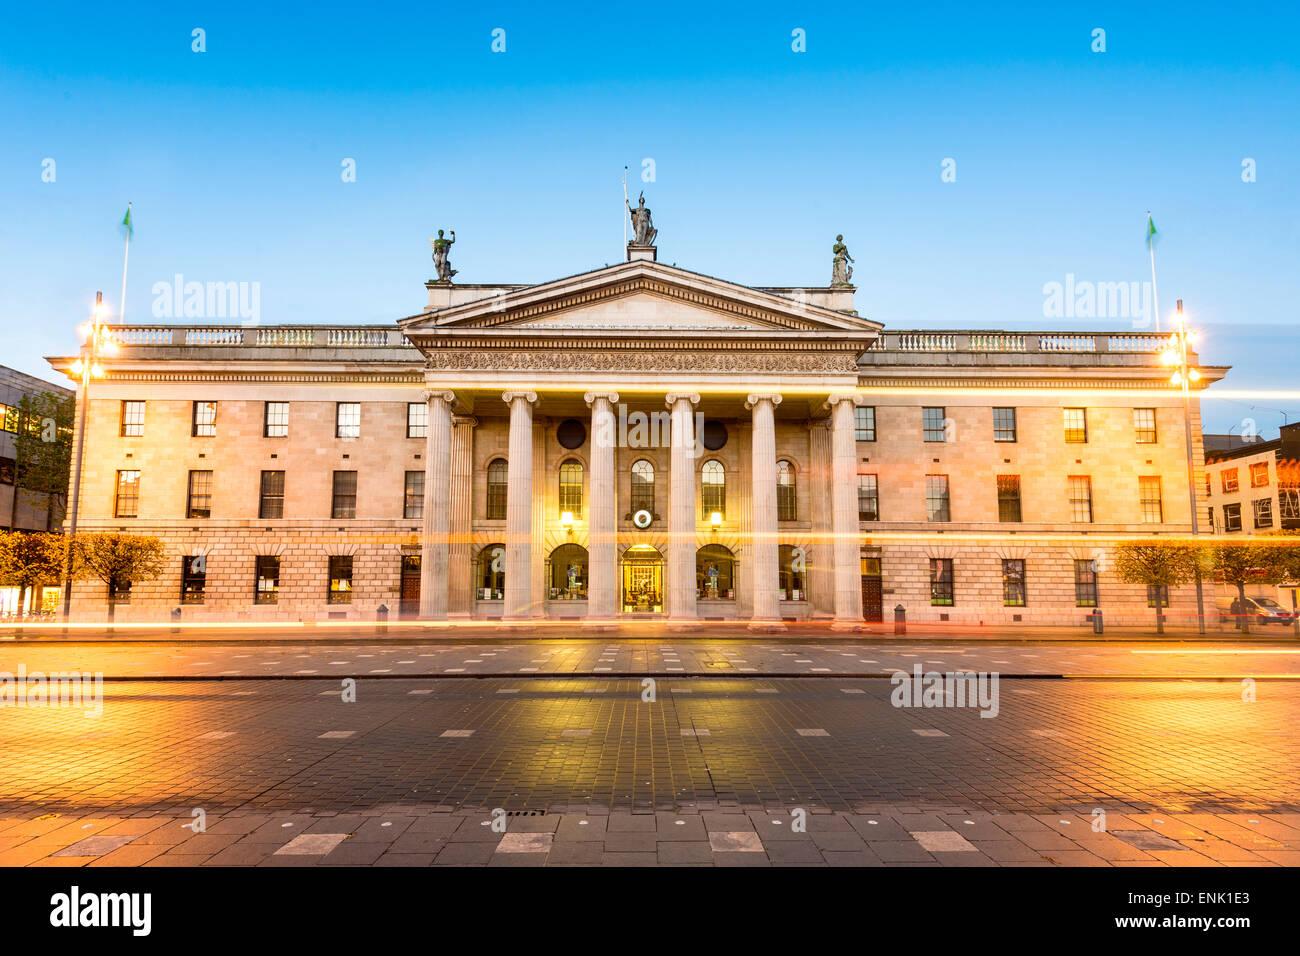 Allgemeine Postgebäude in der Abenddämmerung, Dublin, County Dublin, Republik Irland, Europa Stockbild